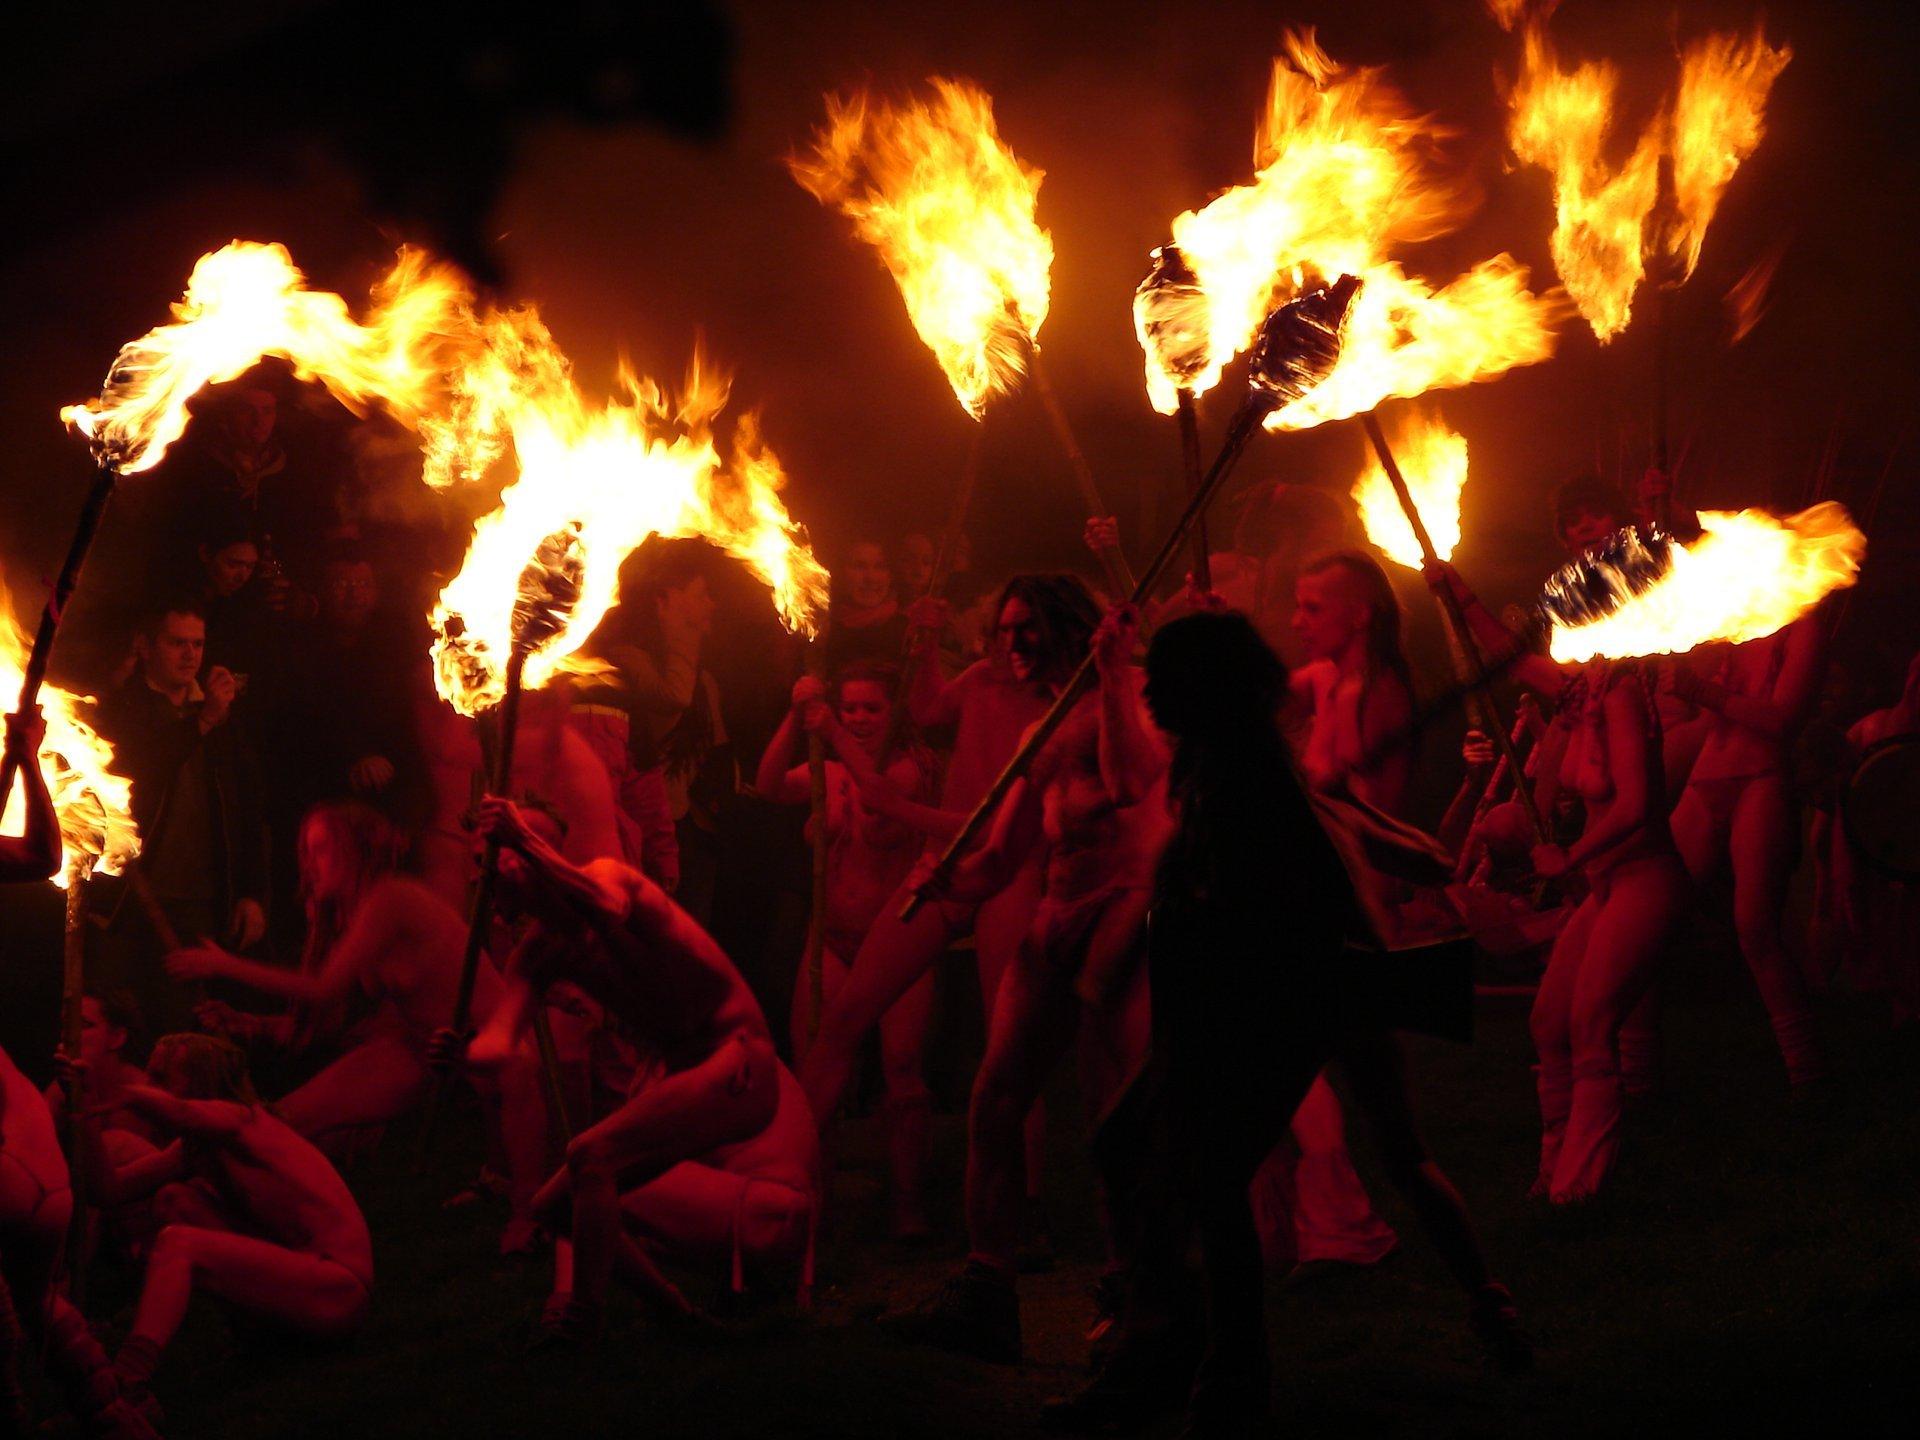 Beltane Fire Festival in Edinburgh - Best Season 2020